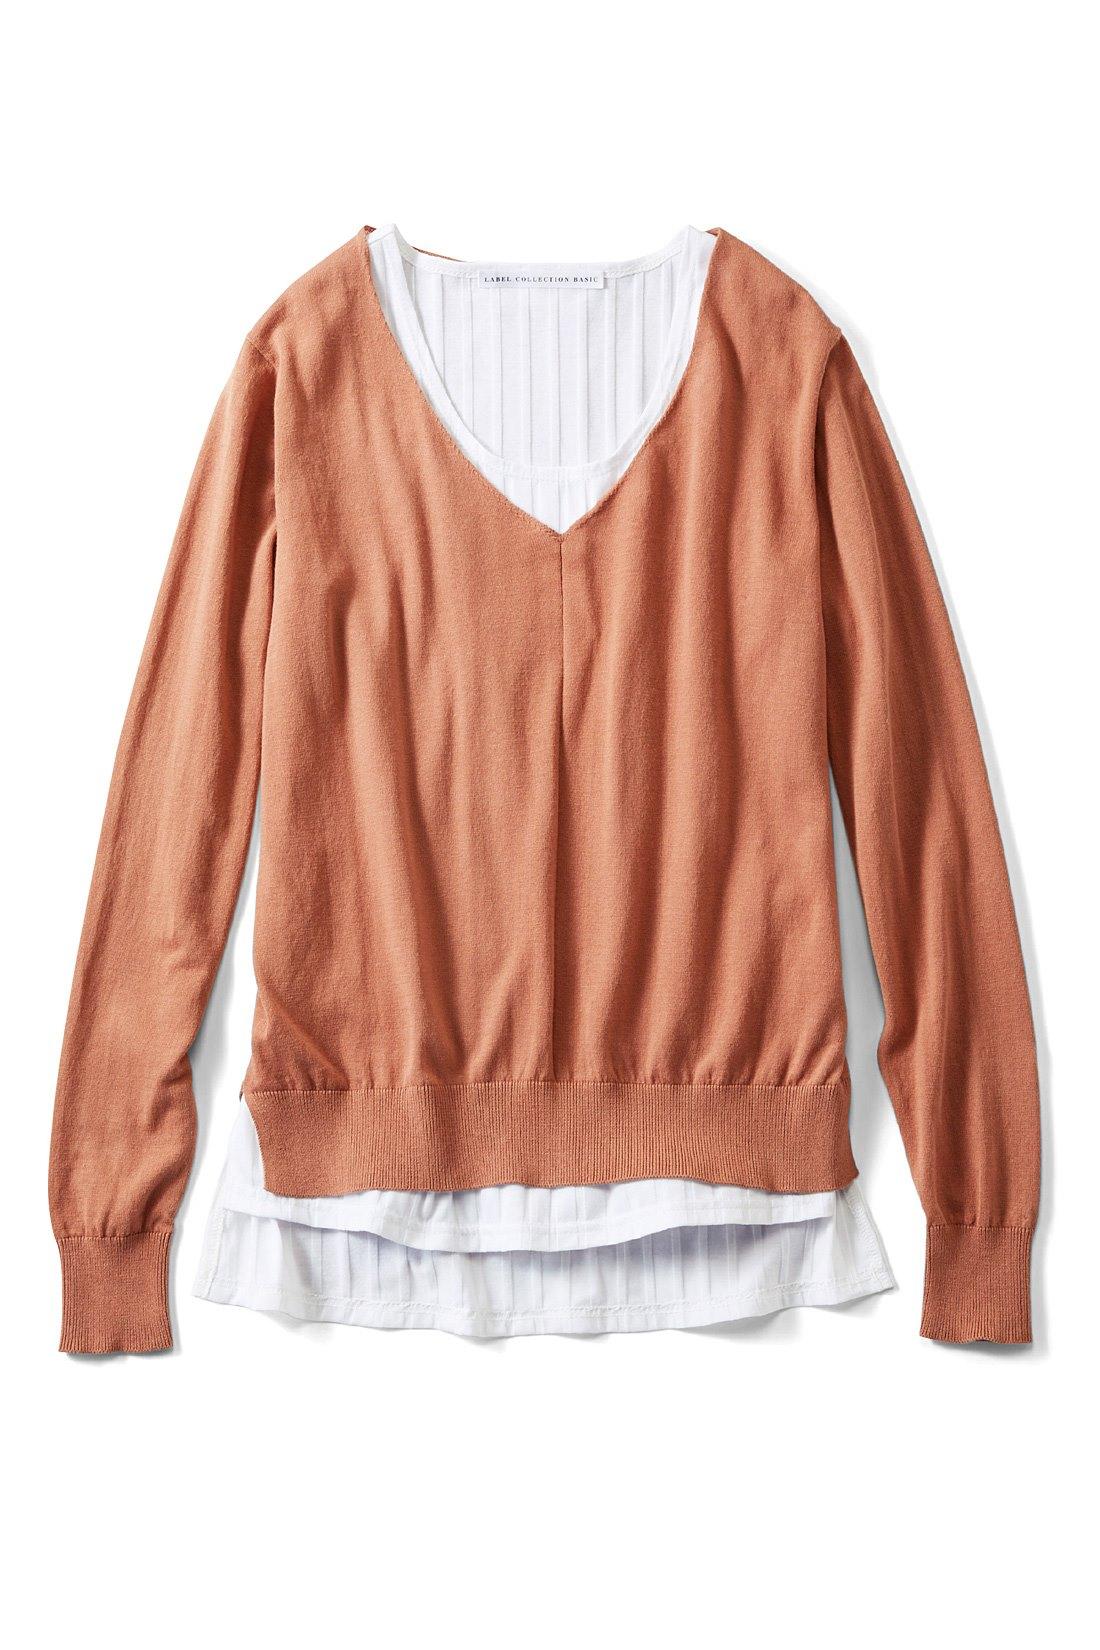 甘辛どちらにも似合う〈ピンクブラウン×オフホワイト〉 ※商品の色味はこちらをご参考にされてください。